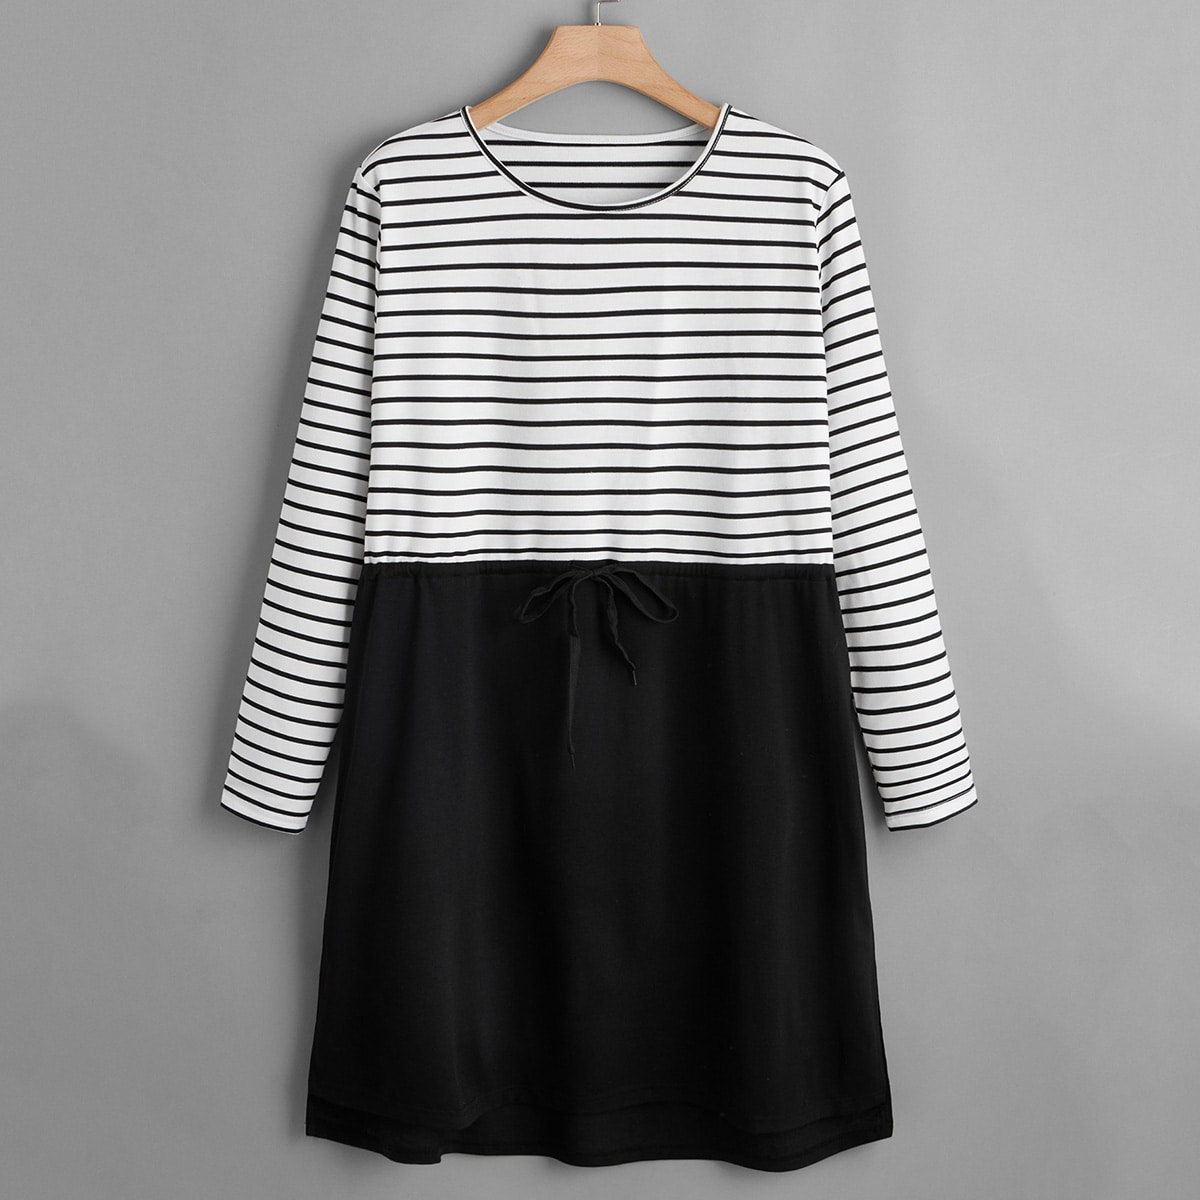 SHEIN / Ziehbändchen Gestreift Lässig Kleider Große Größen